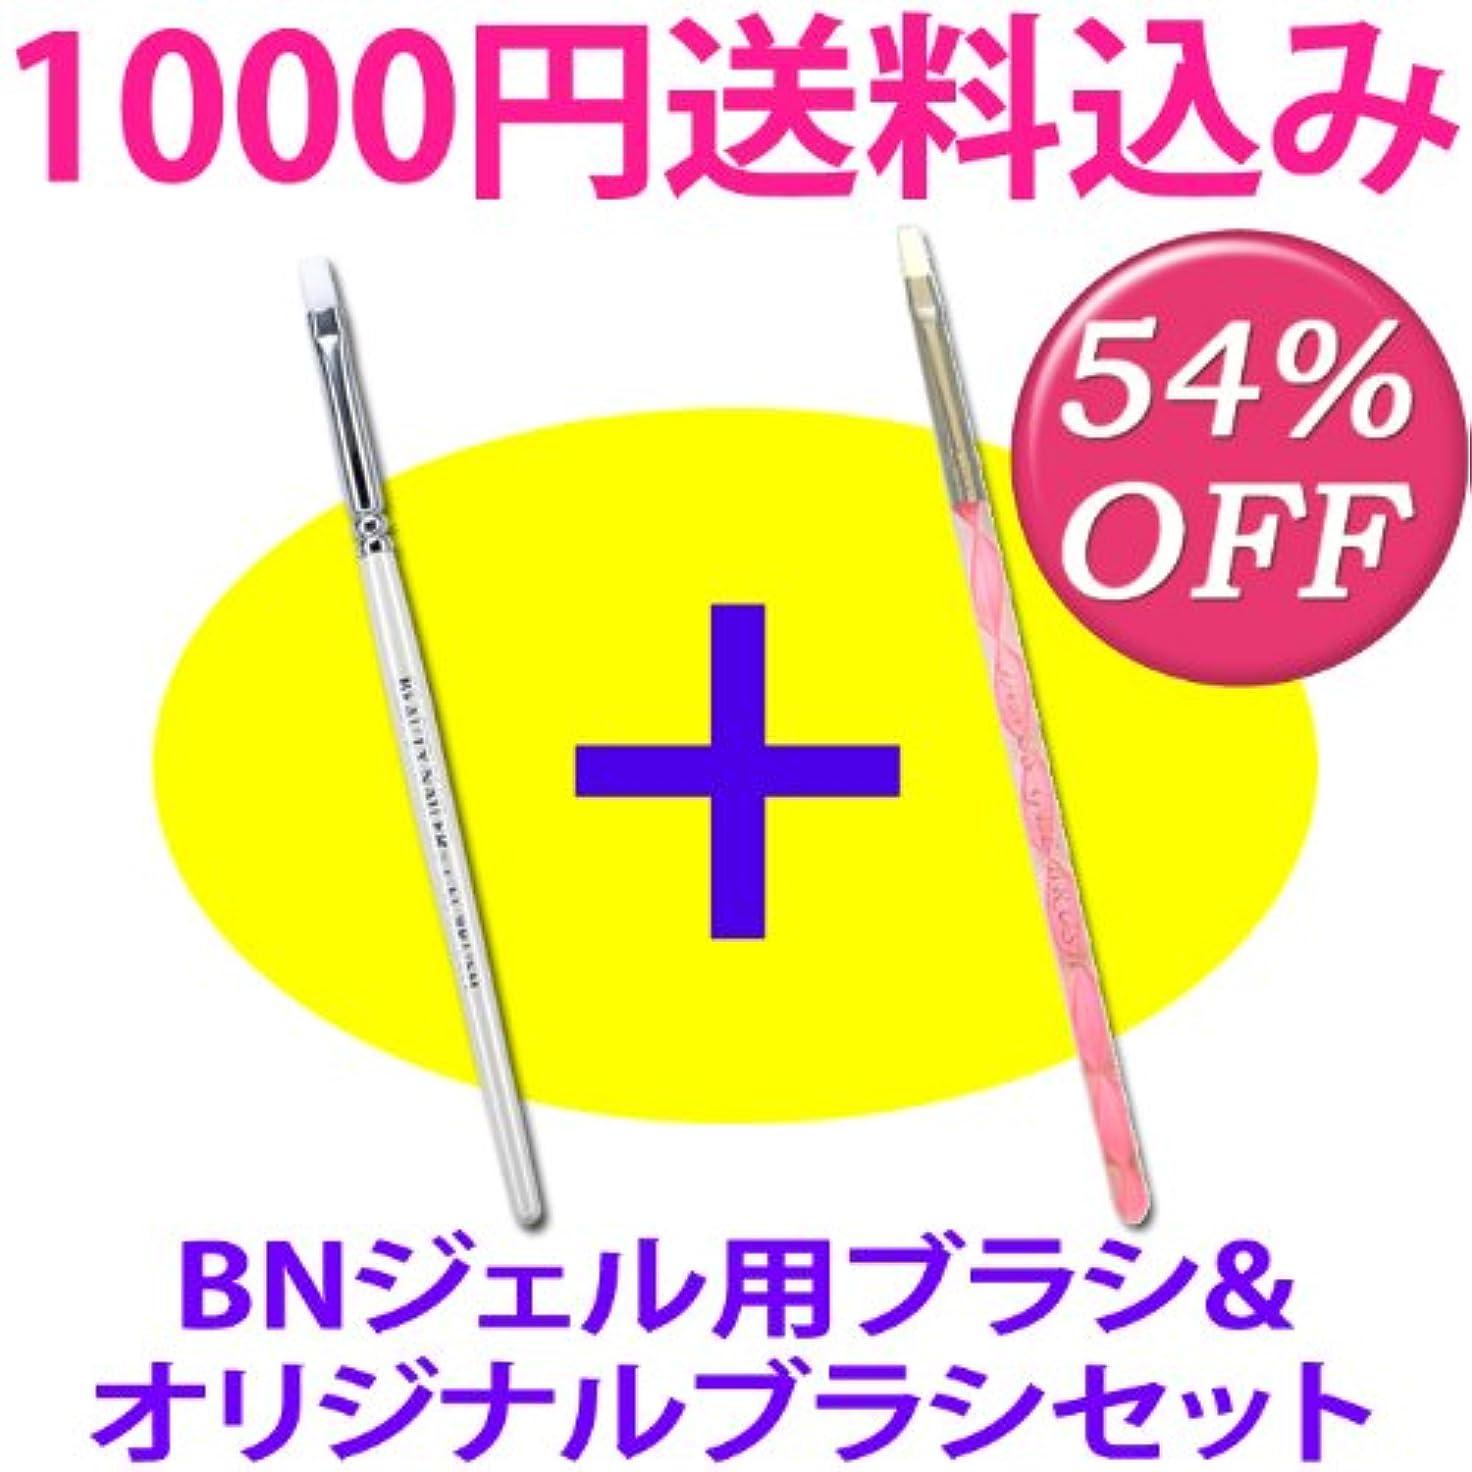 罪人アンカーなめらかビューティーネイラー BNジェルネイル専用ブラシ+オリジナルジェルネイル専用ブラシセット (GNB+brush-set)